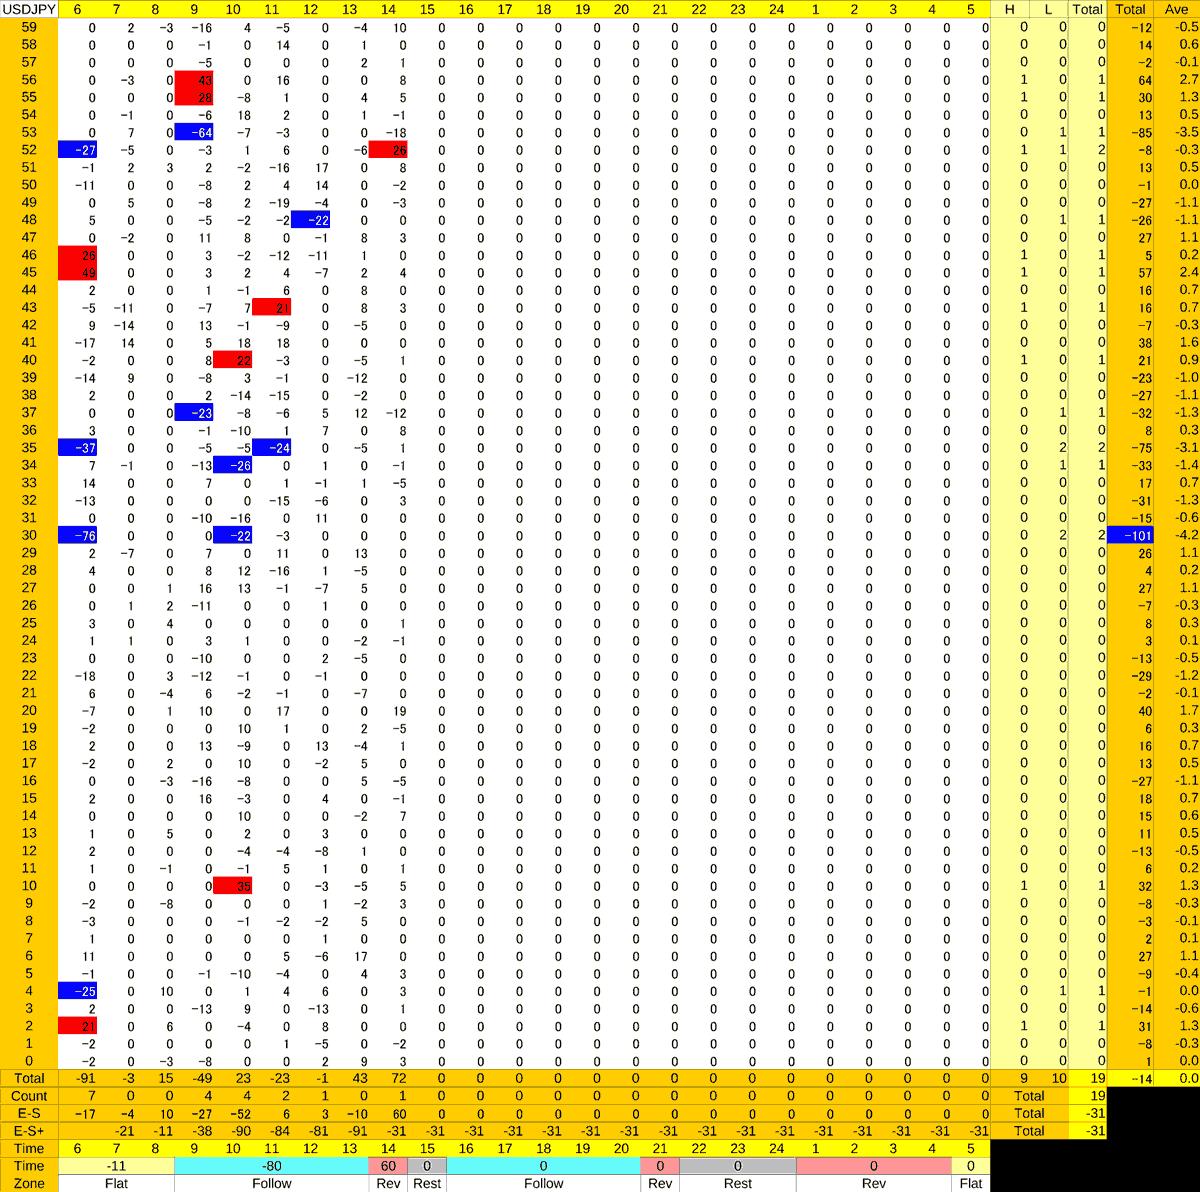 20201225_HS(1)USDJPY